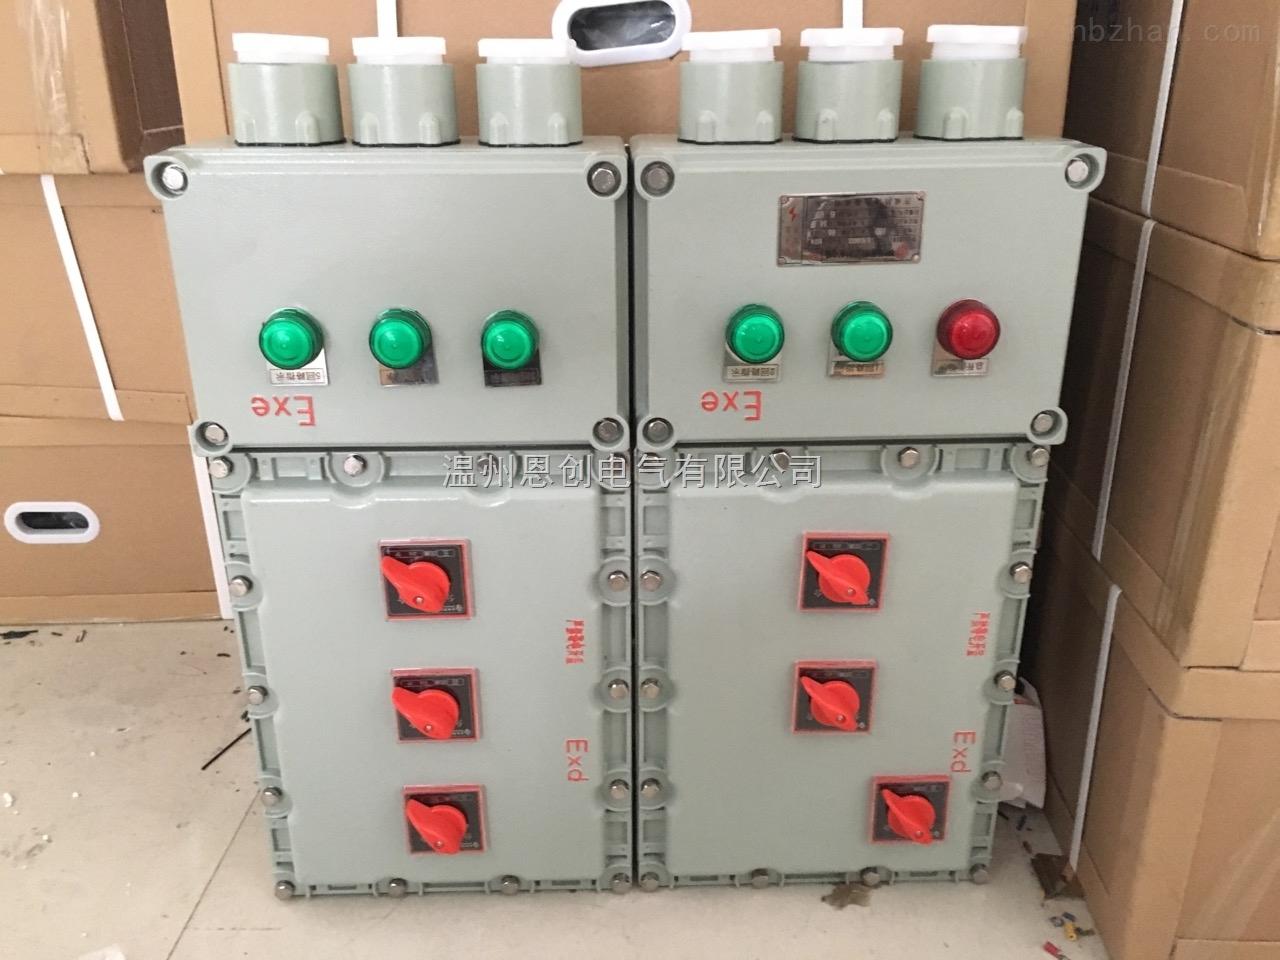 产品库 电气设备/工业电器 输配电设备 配电箱/配电柜 恩创 户外防爆